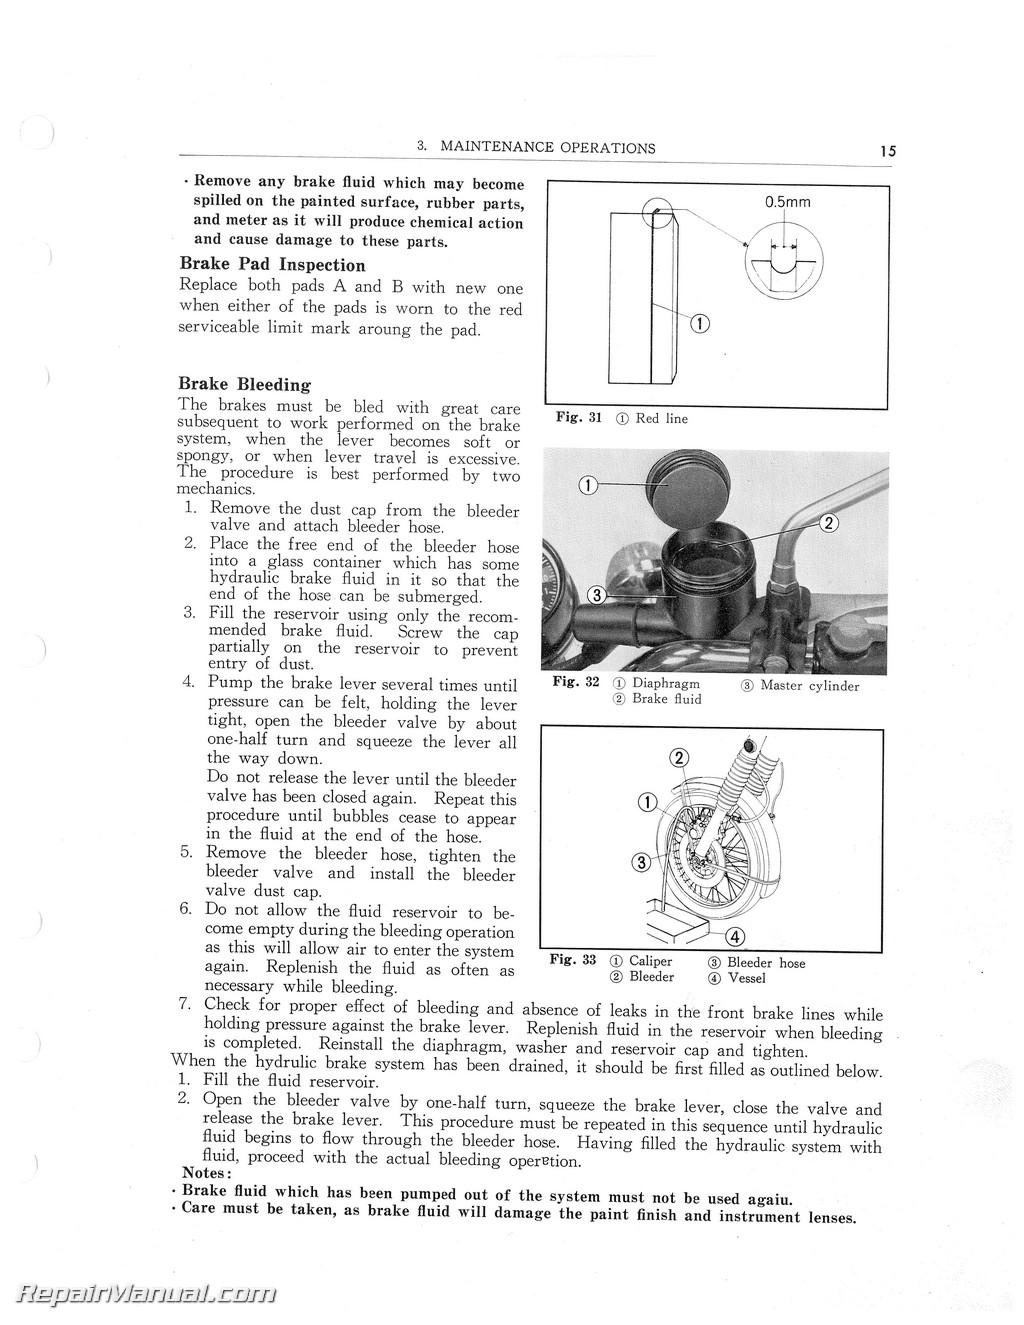 1971 1972 1973 honda cb500 1974 1977 cb550k service manual rh repairmanual com 1975 Honda CB550K CB550K Exhaust